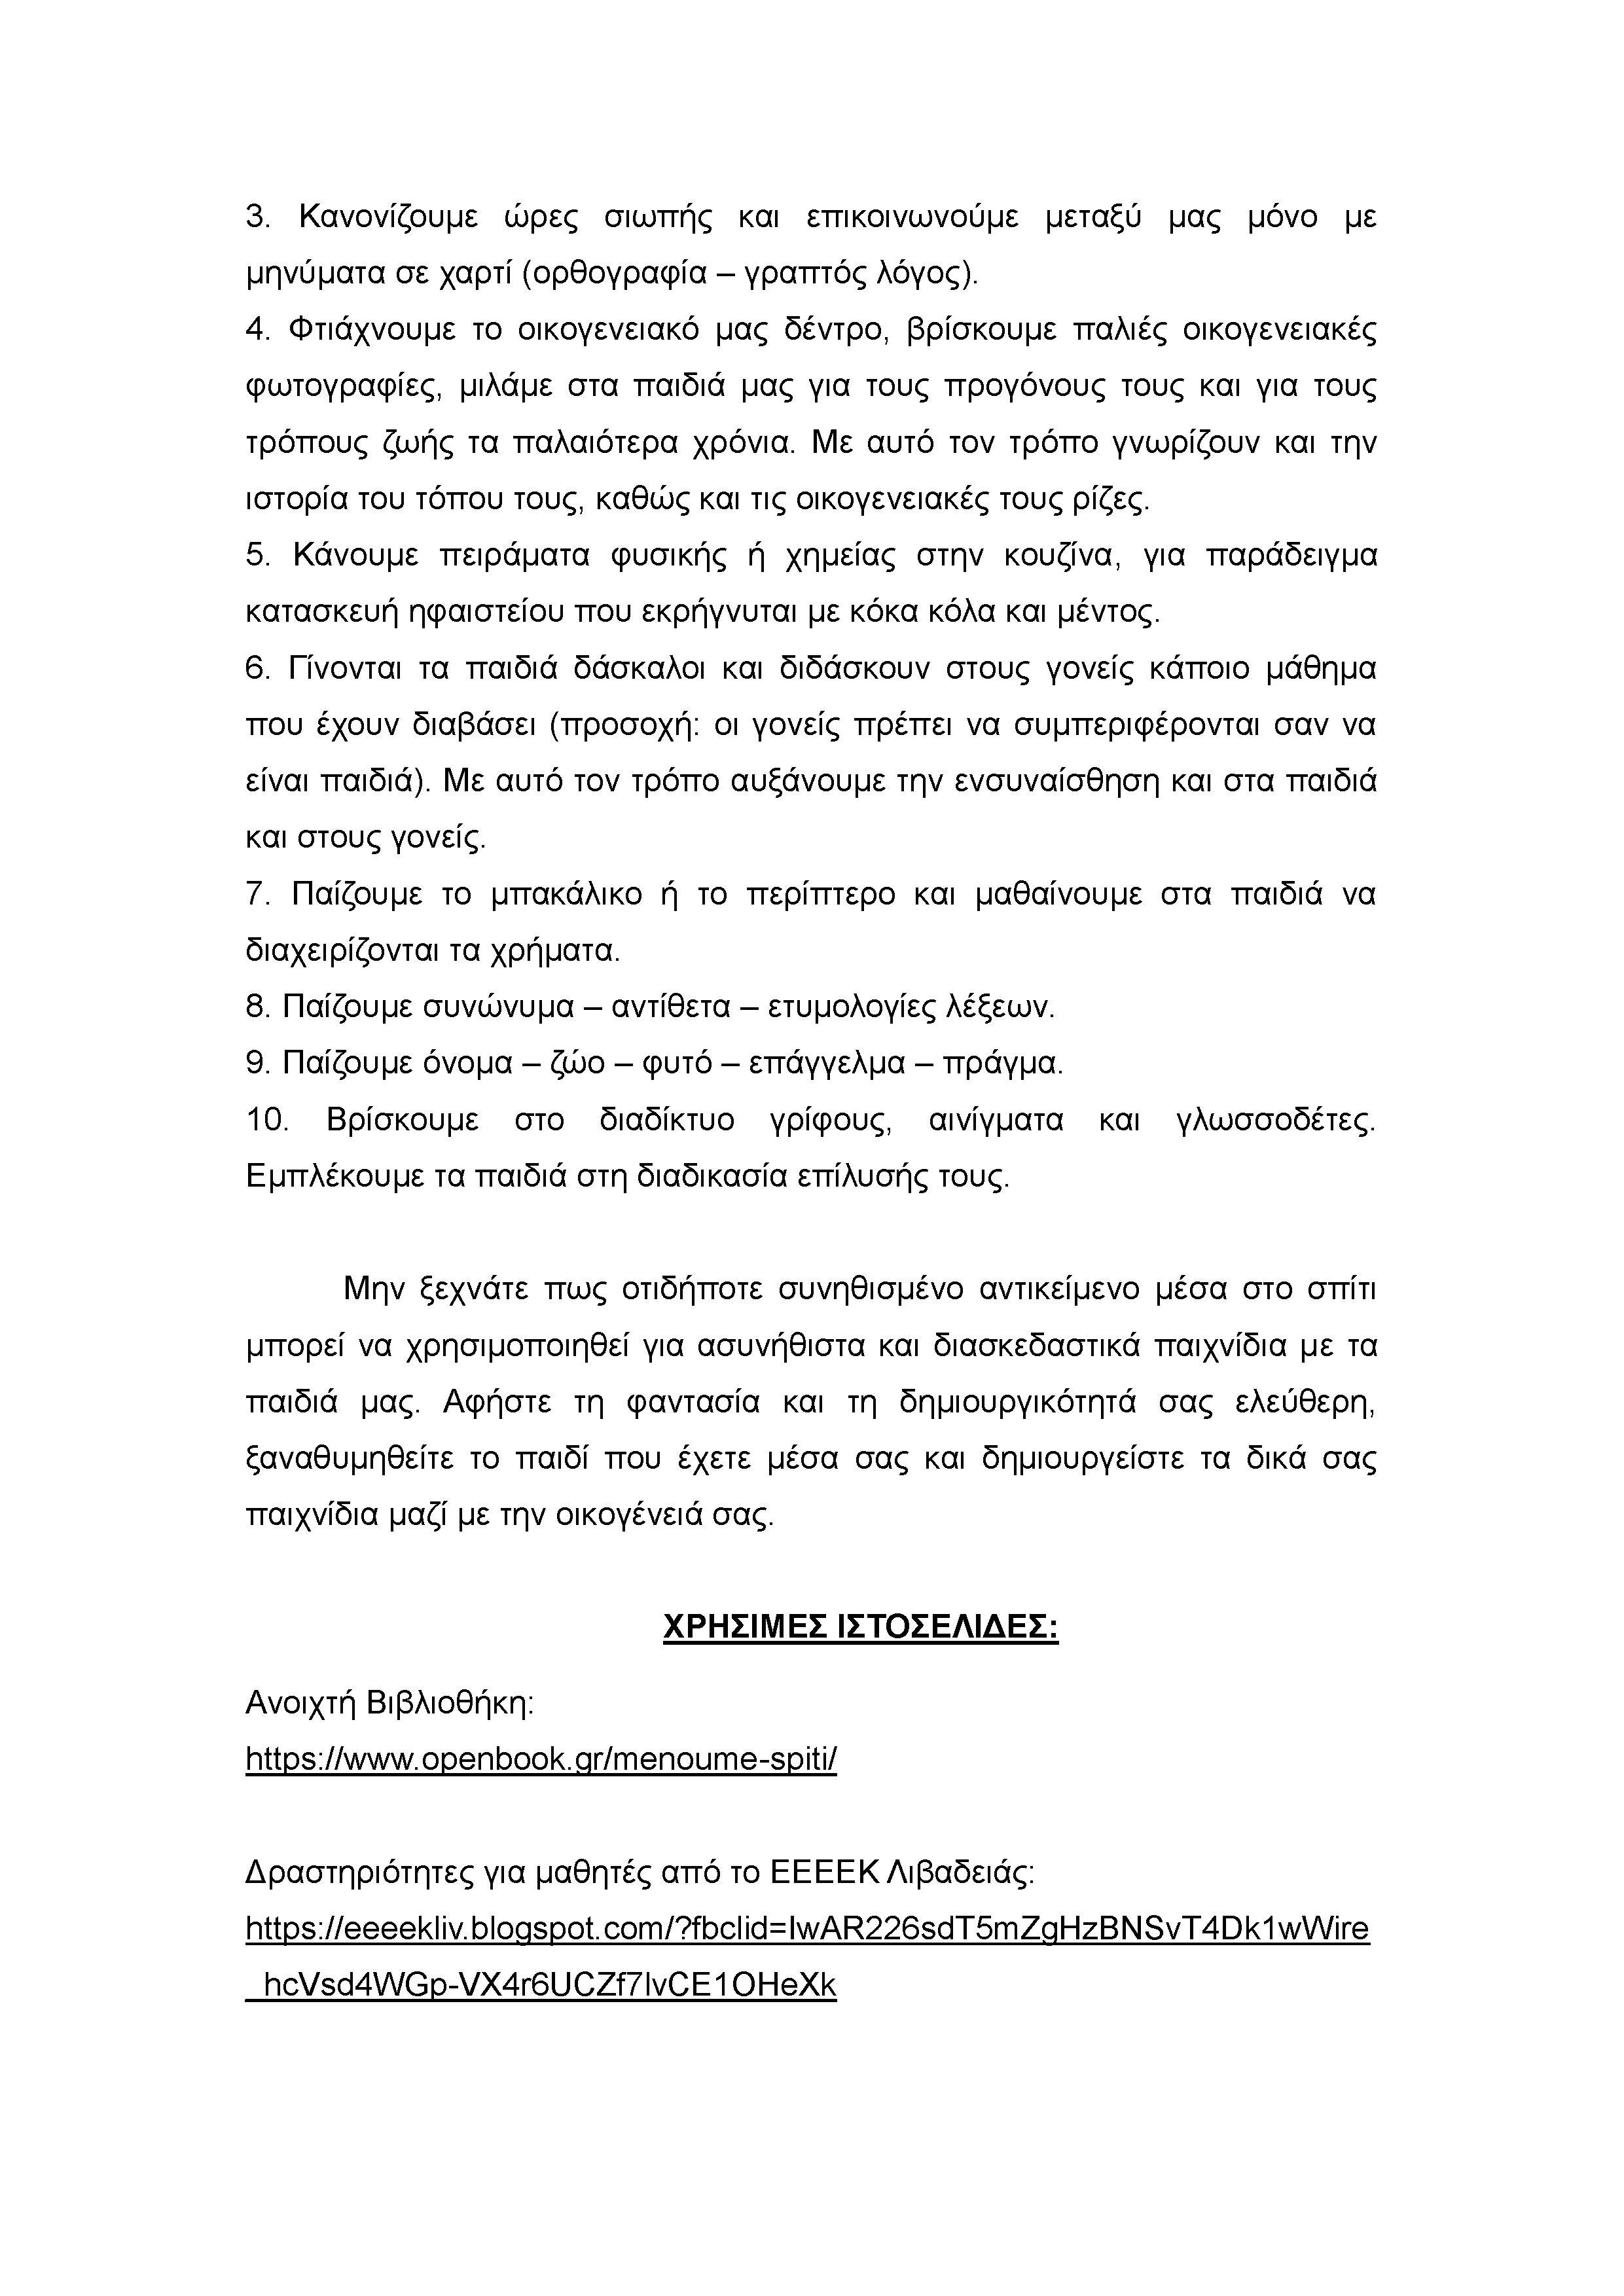 Ενδεικτικές-προτάσεις-από-το-ΚΕΣΥ-Αργολίδας-για-την-υποστήριξη-των-παιδιών-εν-μέσω-πανδημίας-COVID-19-7